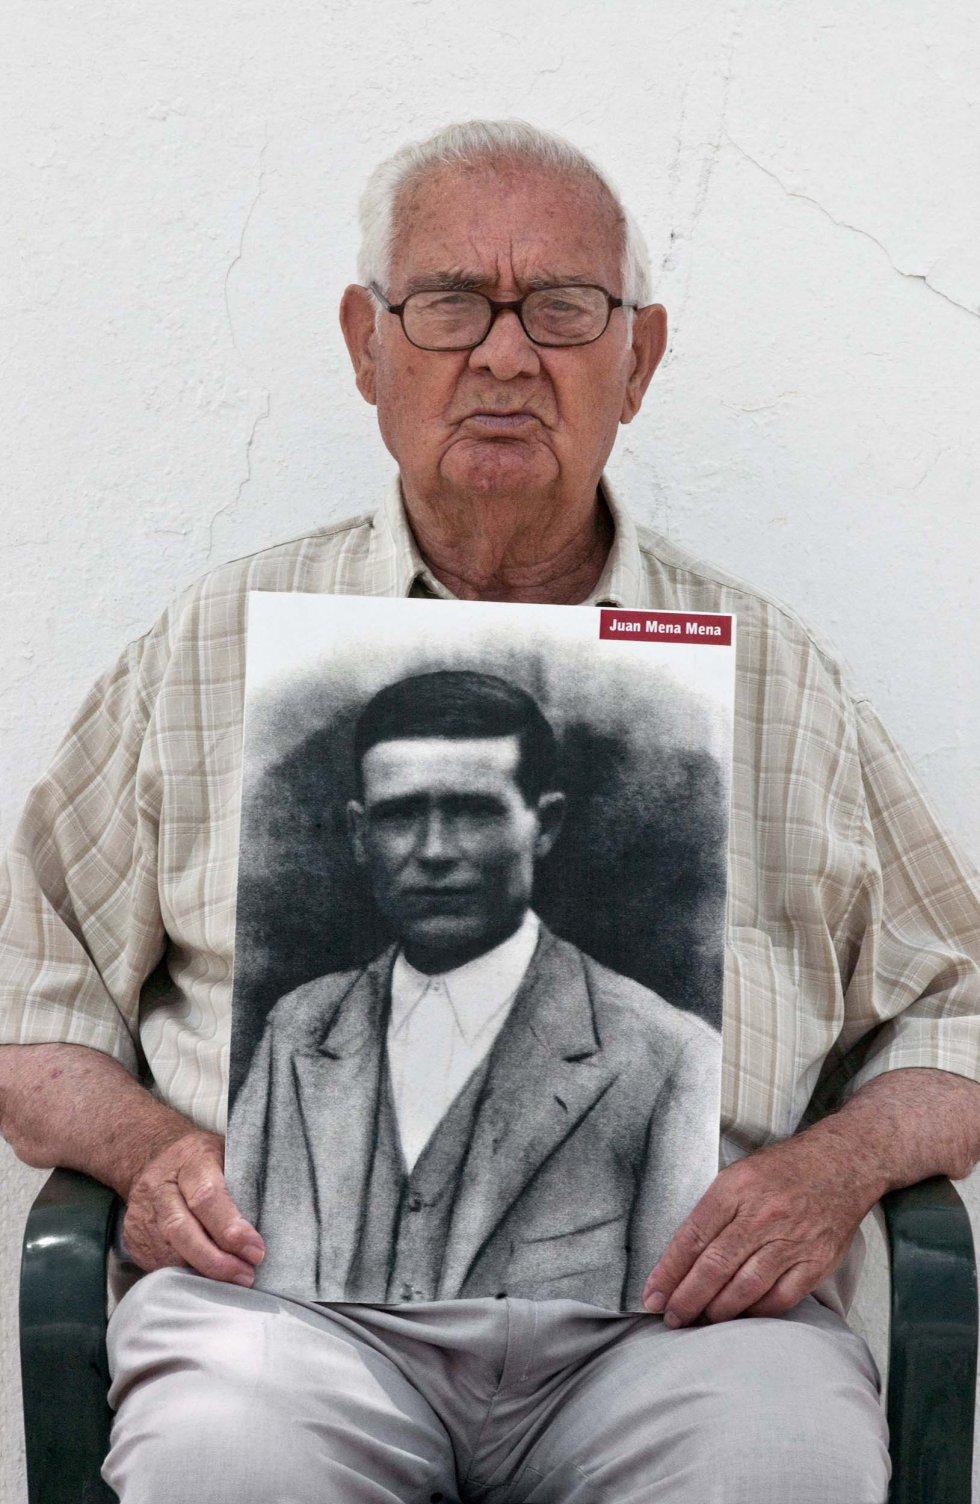 Antonio Mena Lebrón, hijo de Juan Mena Mena, desaparecido en agosto de 1936 en la Puebla de Cazalla (Sevilla).